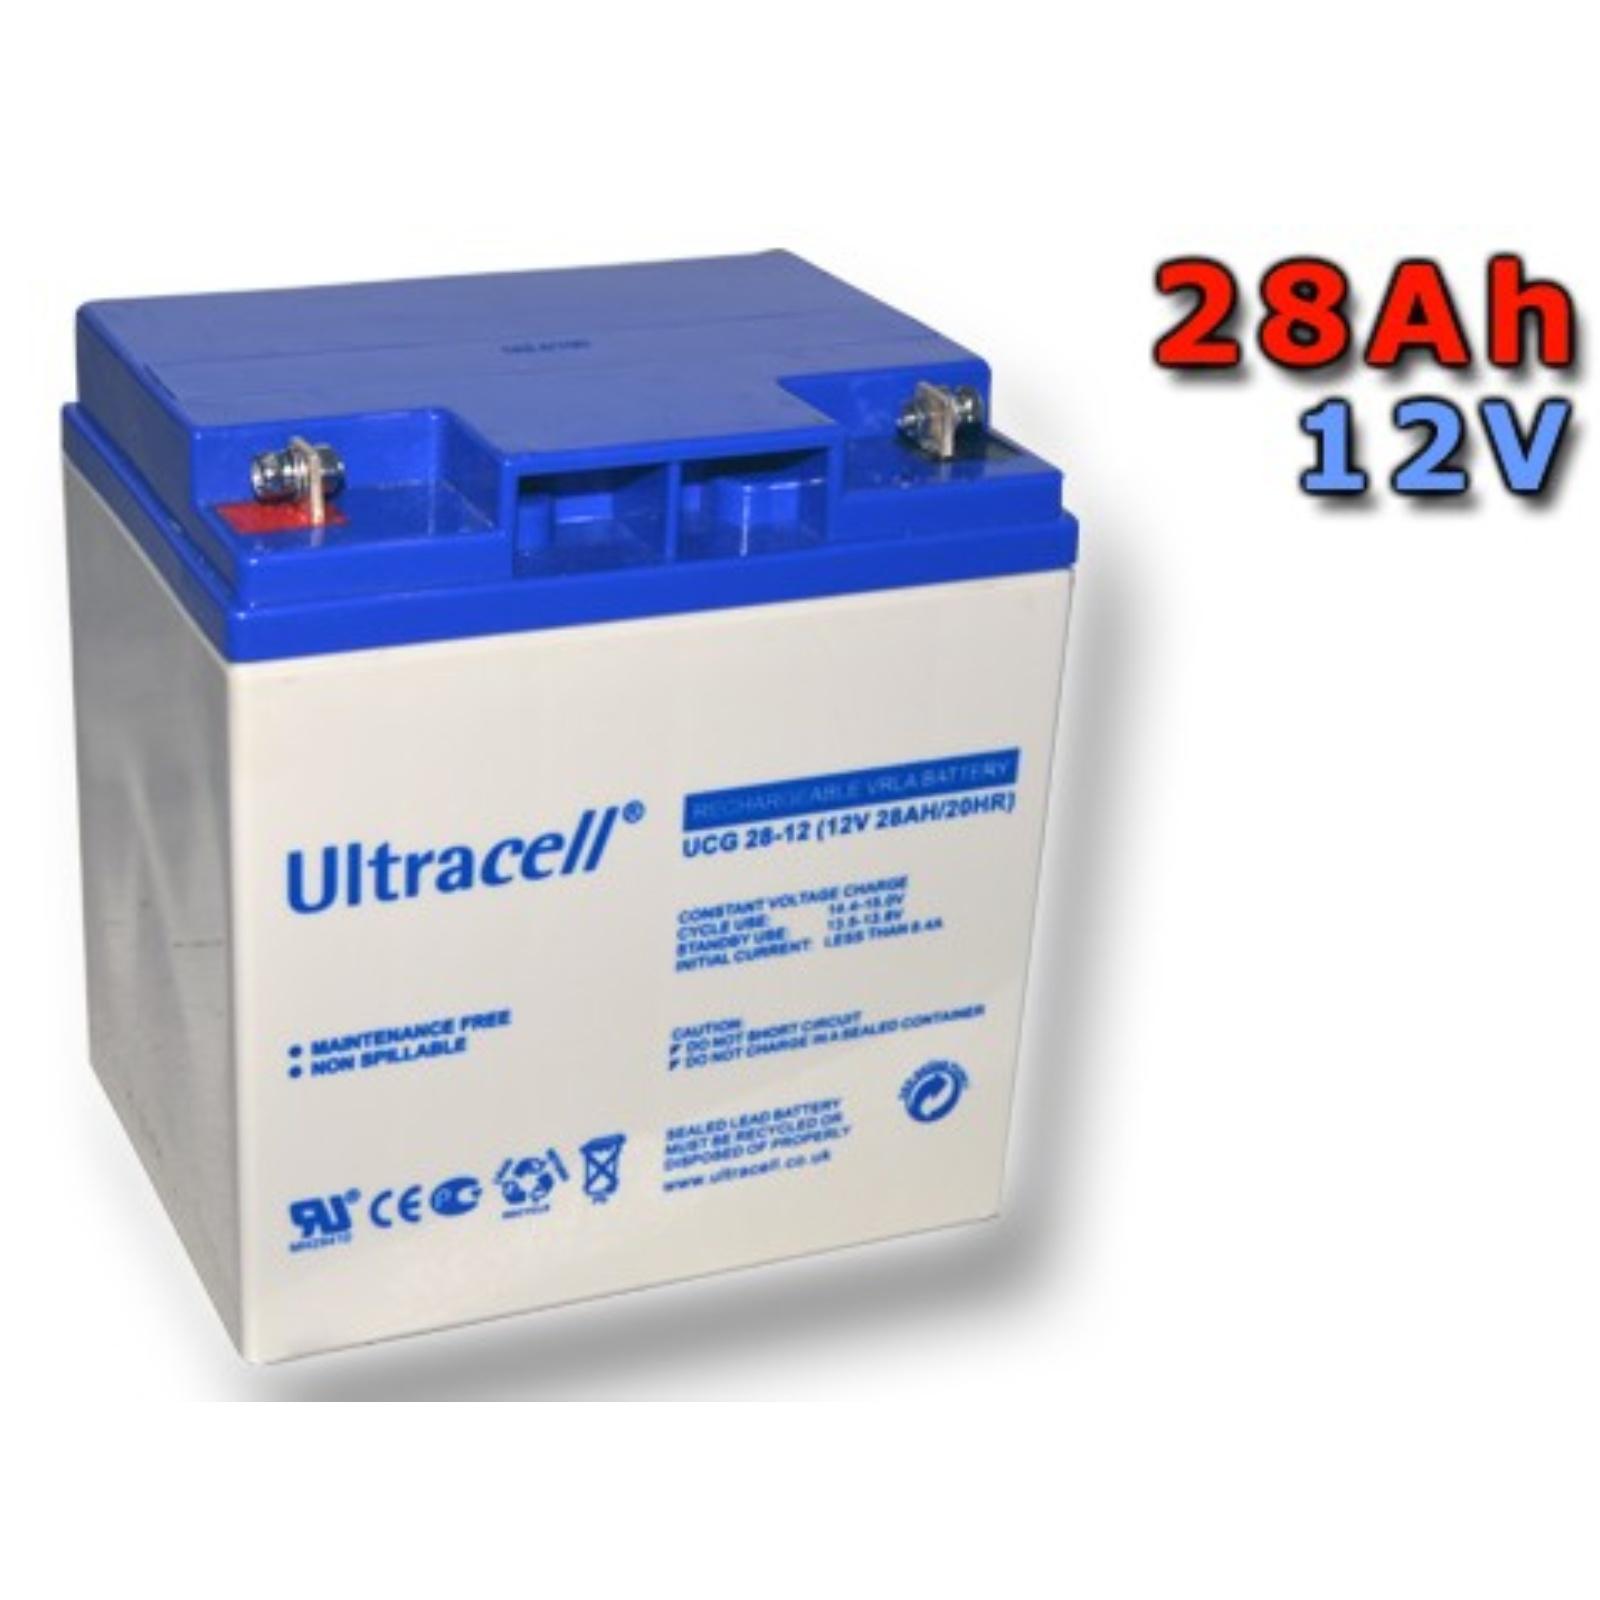 Trakční gelová baterie ULTRACELL UCG28-12 28Ah